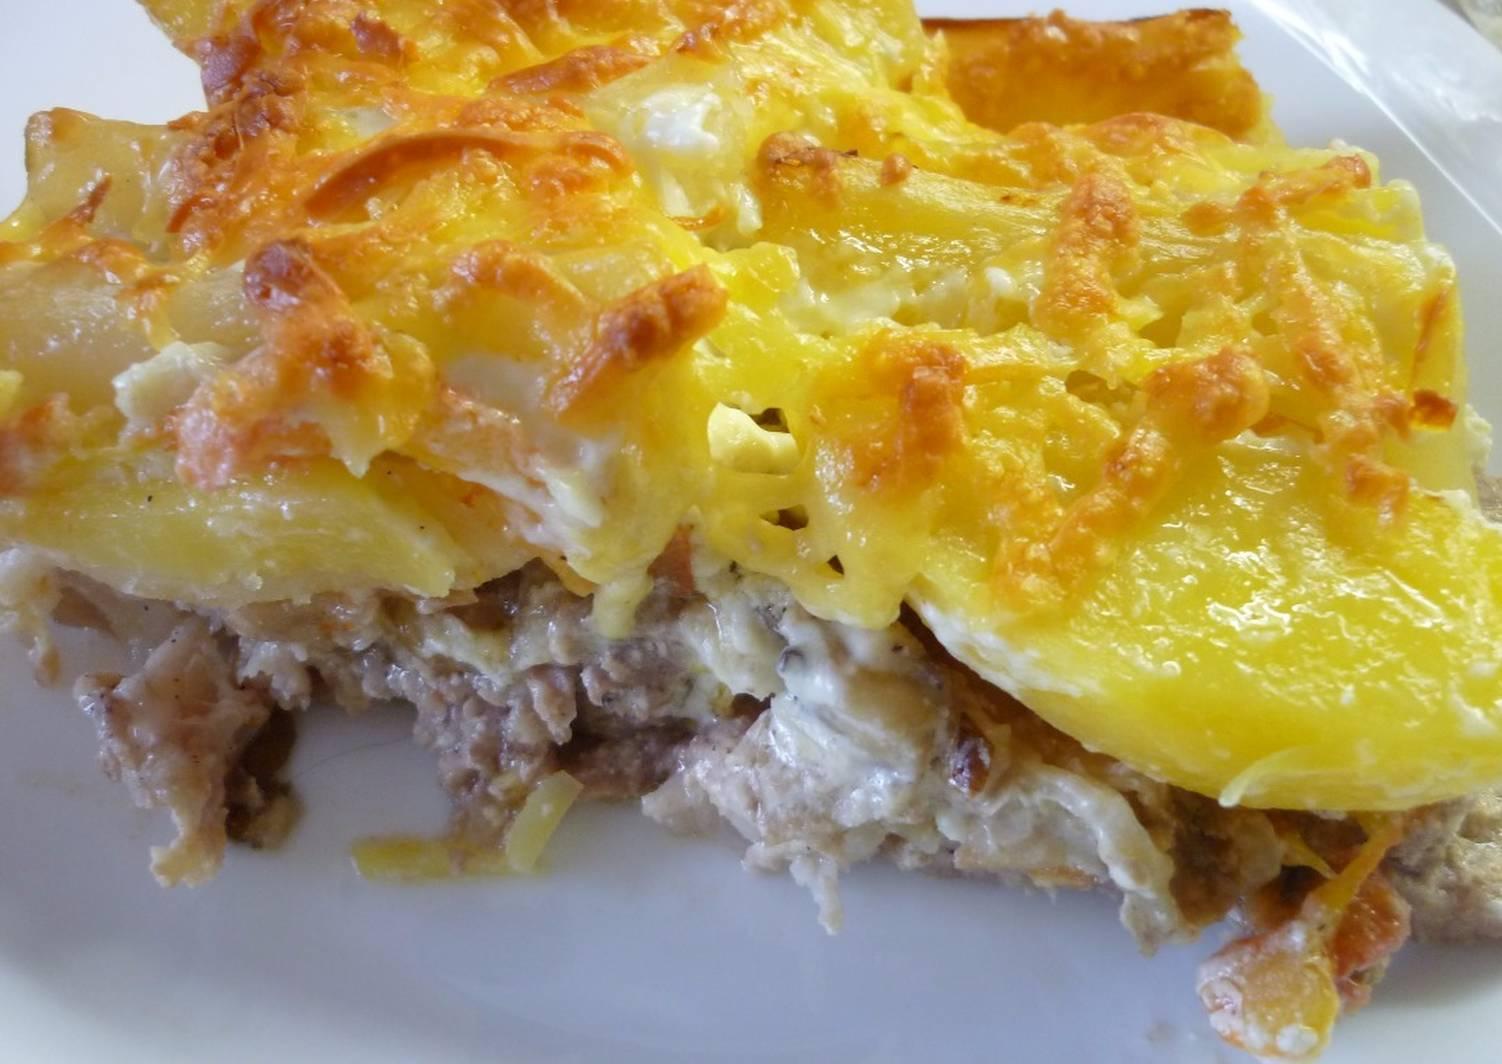 зависимости возраста мясо по королевски с картошкой рецепт фото ученые